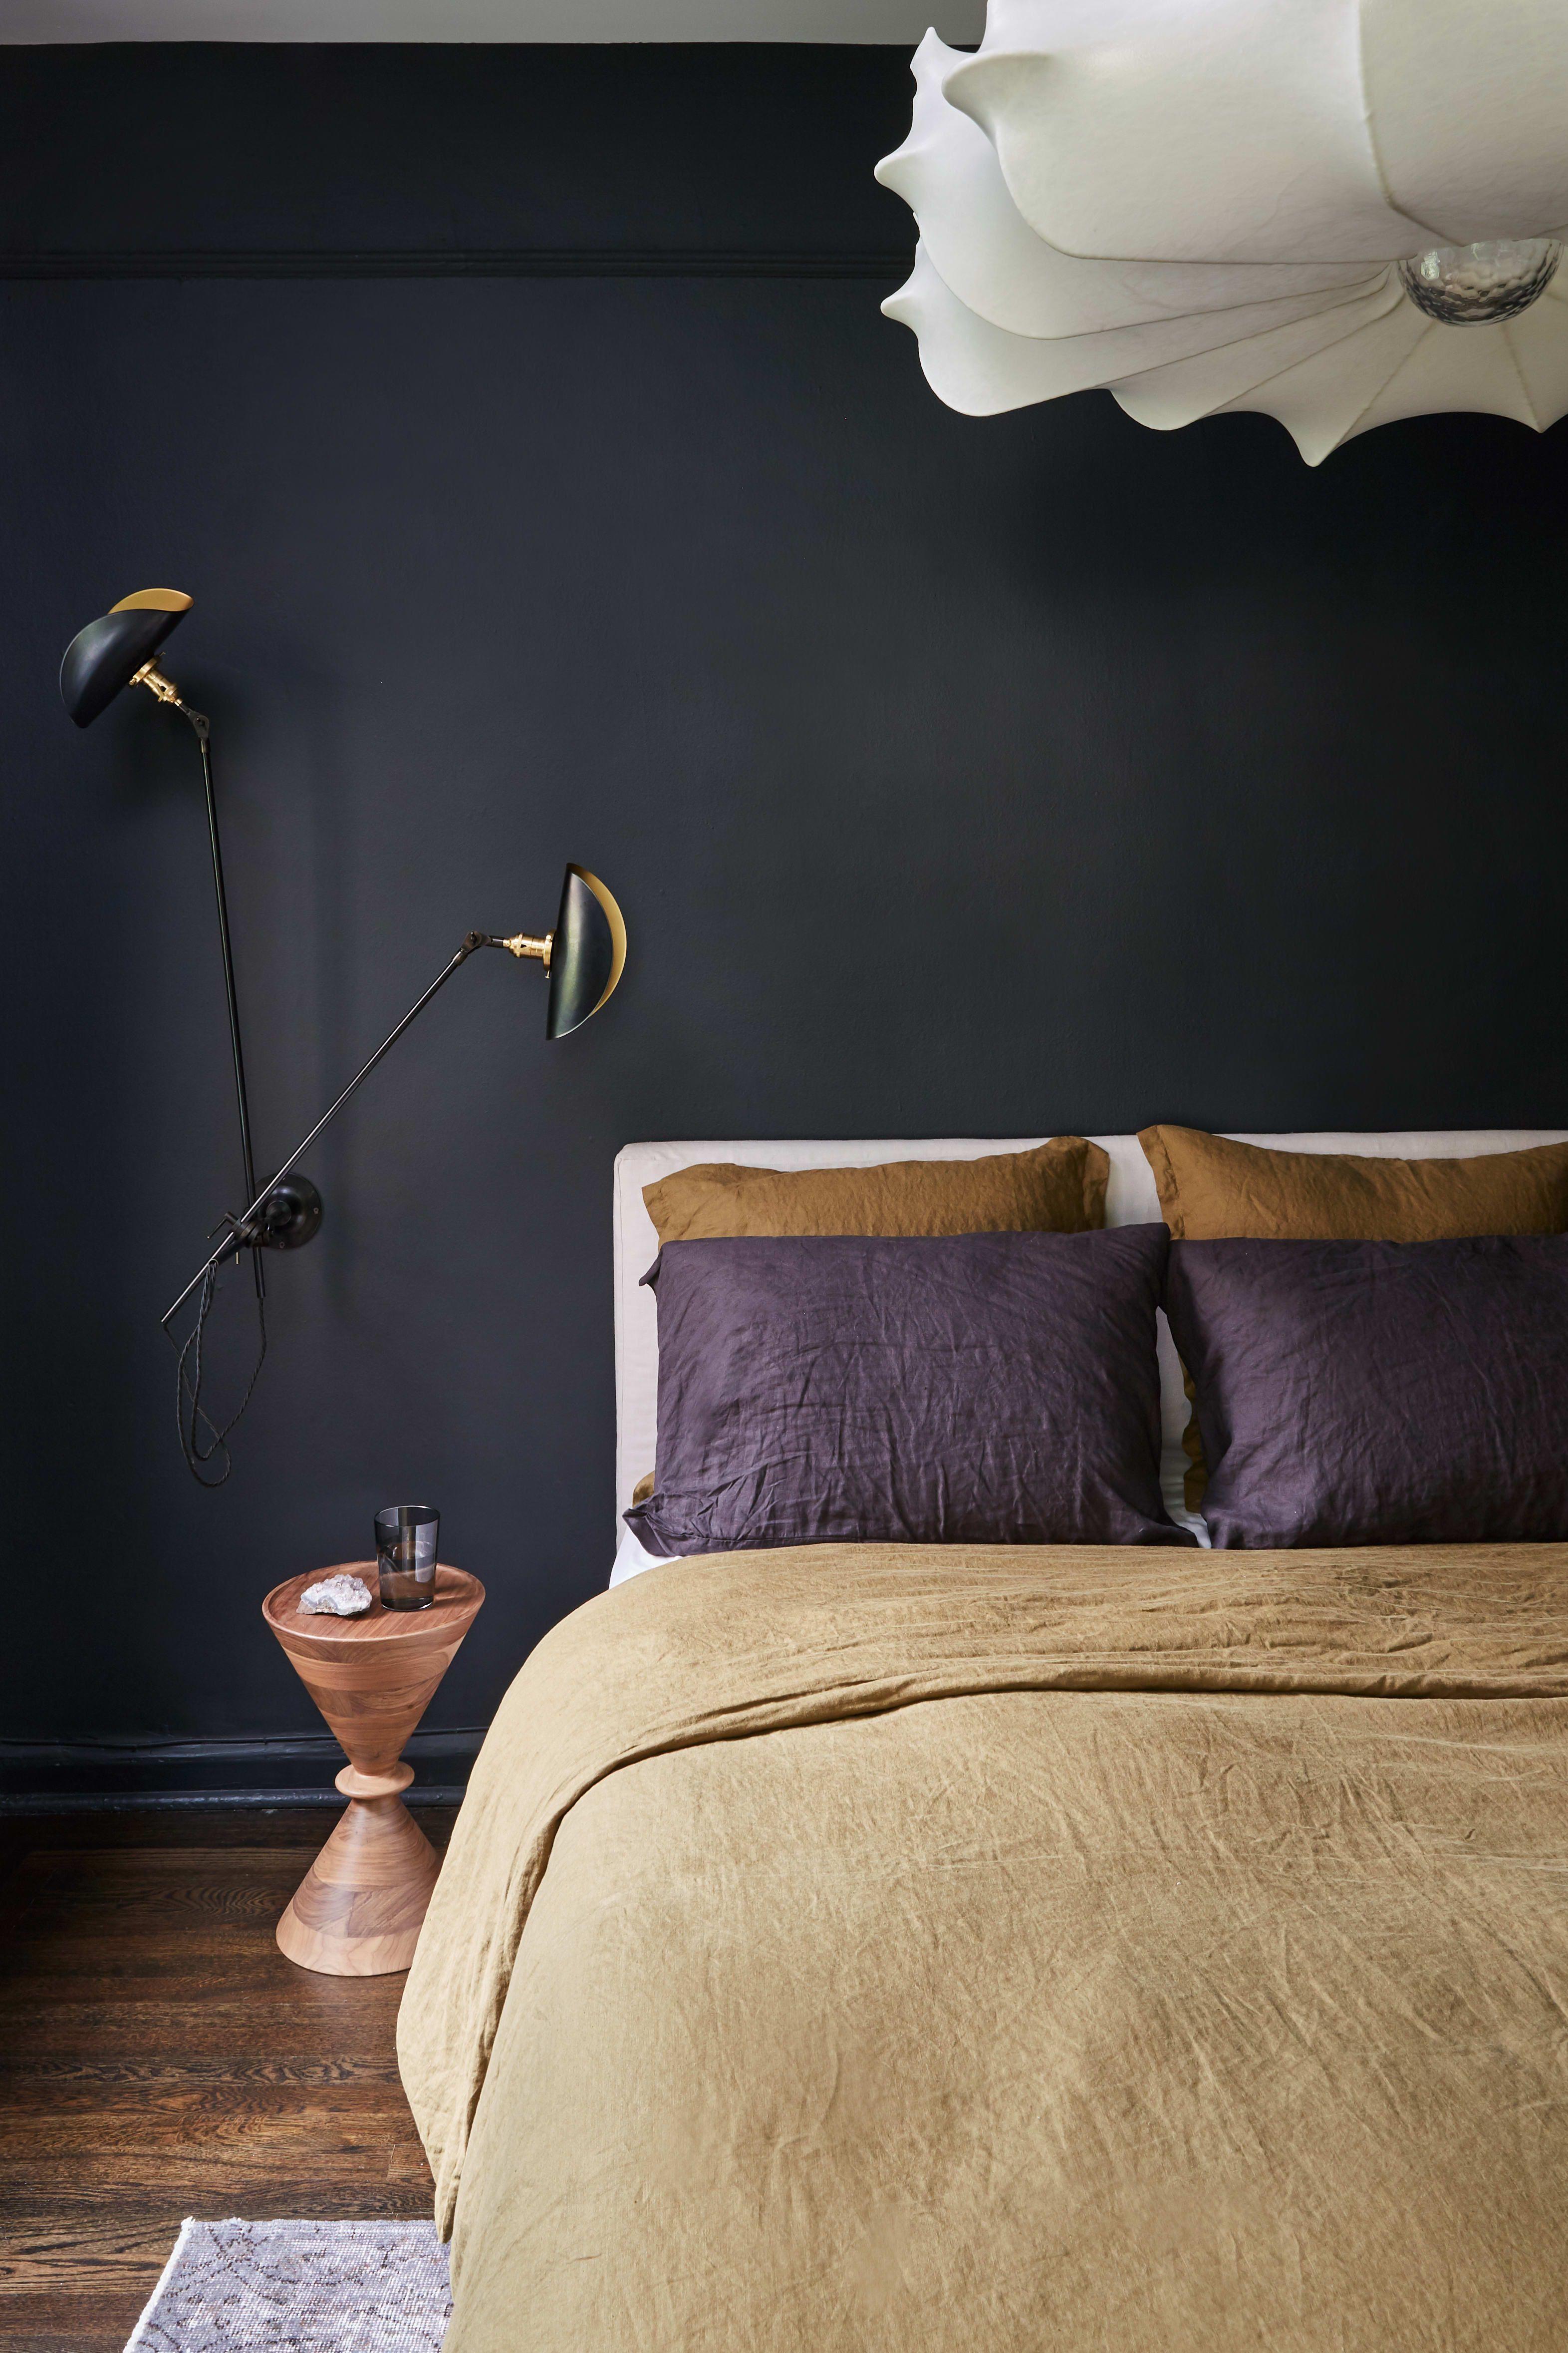 The Best Pinterest Bedroom Ideas For 2019 Modern Bedroom Decor Stylish Bedroom Design Bedroom Decorating Tips